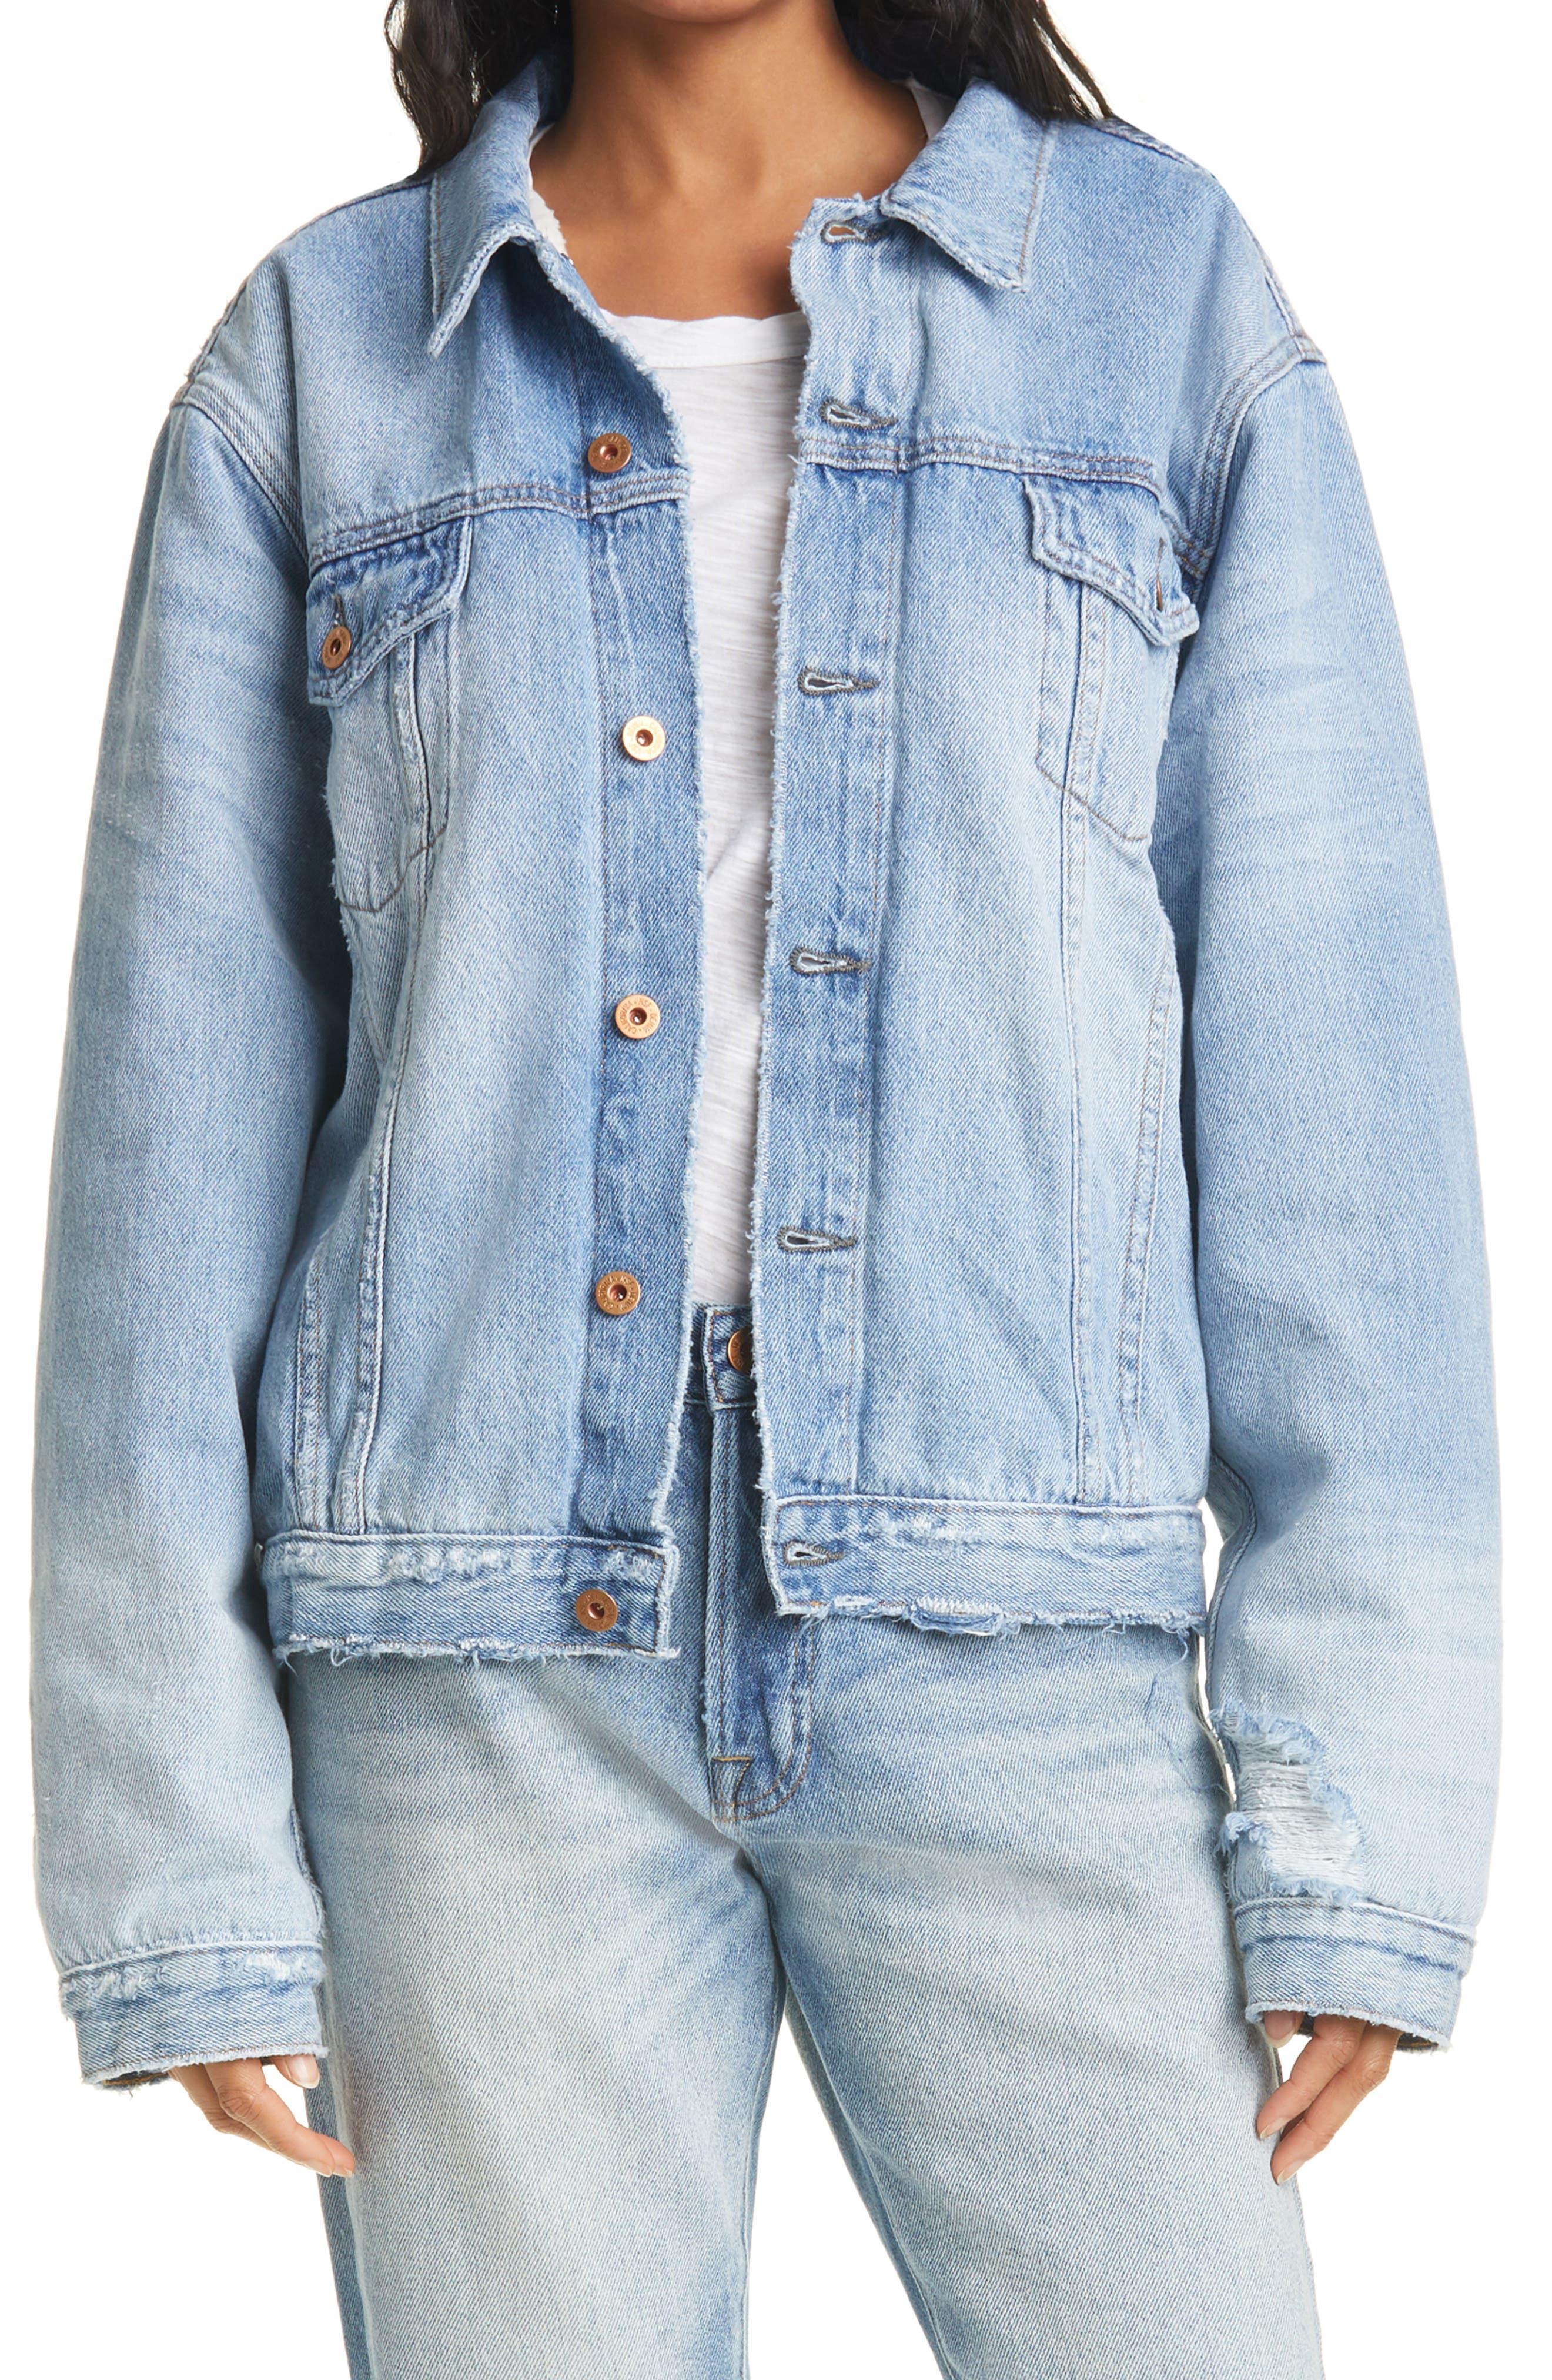 NSF Clothing Women's Nsf Clothing Jesse Oversize Denim Jacket, Size Large - Blue